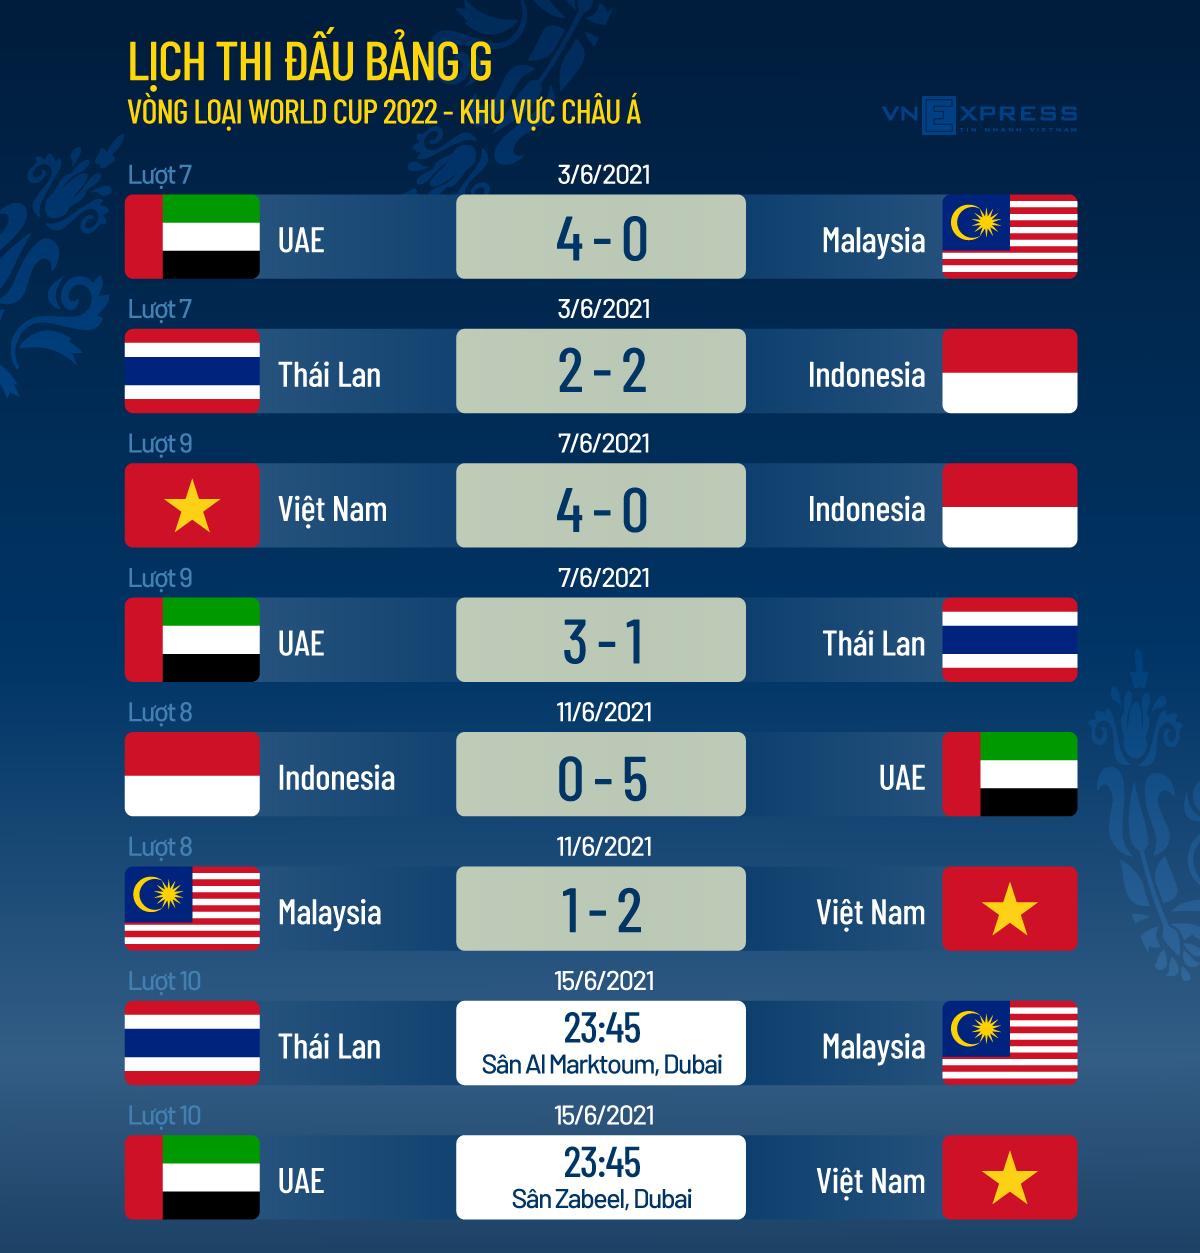 Cựu danh thủ Vũ Mạnh Hải: UAE chịu nhiều áp lực hơn Việt Nam - 1